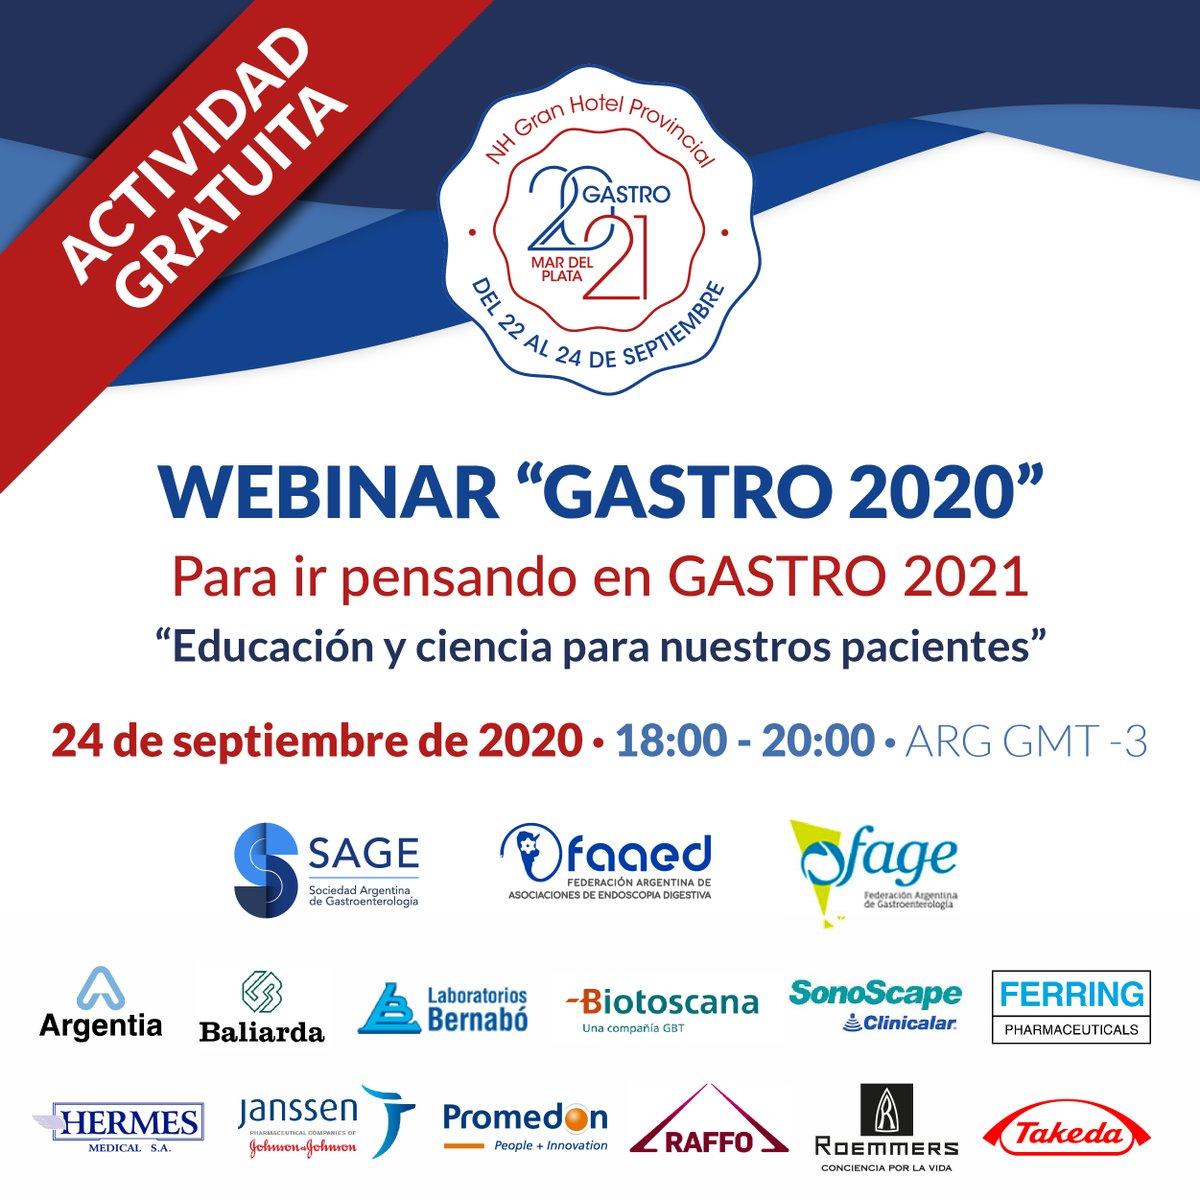 Webinar ¨GASTRO¨ 2020: Para ir pensando en Gastro 2021  🗓 24/9/2020  🕕18 hs. 🇦🇷  ☑ Gratis por el canal de Youtube de Gastro2021 ( en vivo)  https://t.co/imHiRflpdl . . #Fage #TuFederaciónMásCerca #Gastroenterología #Medicina #Argentina #Gastroenterology #Medicine #SAGE #FAAED https://t.co/5i7bT64G4Y